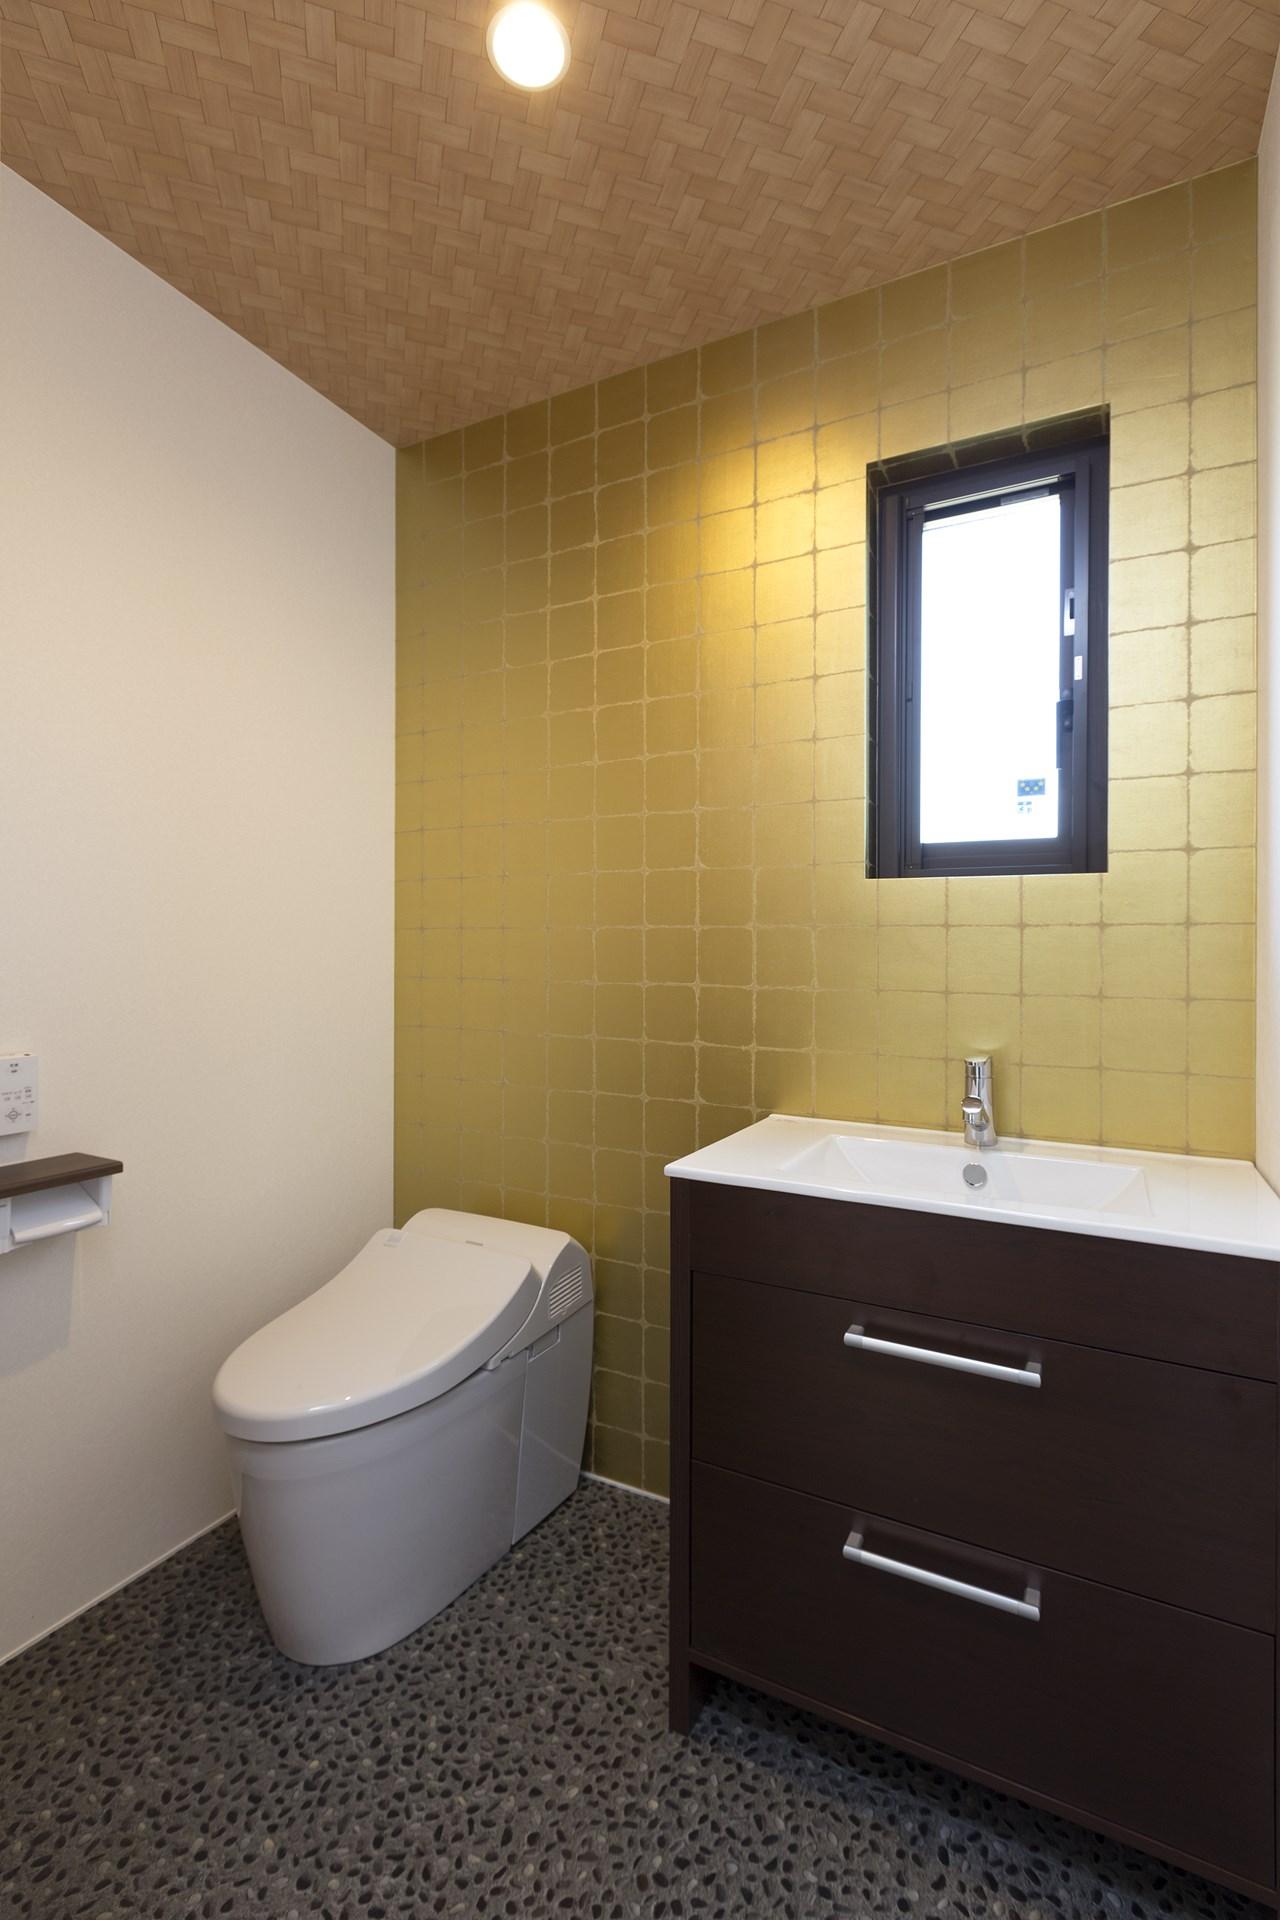 土浦市の新築一戸建てのトイレ